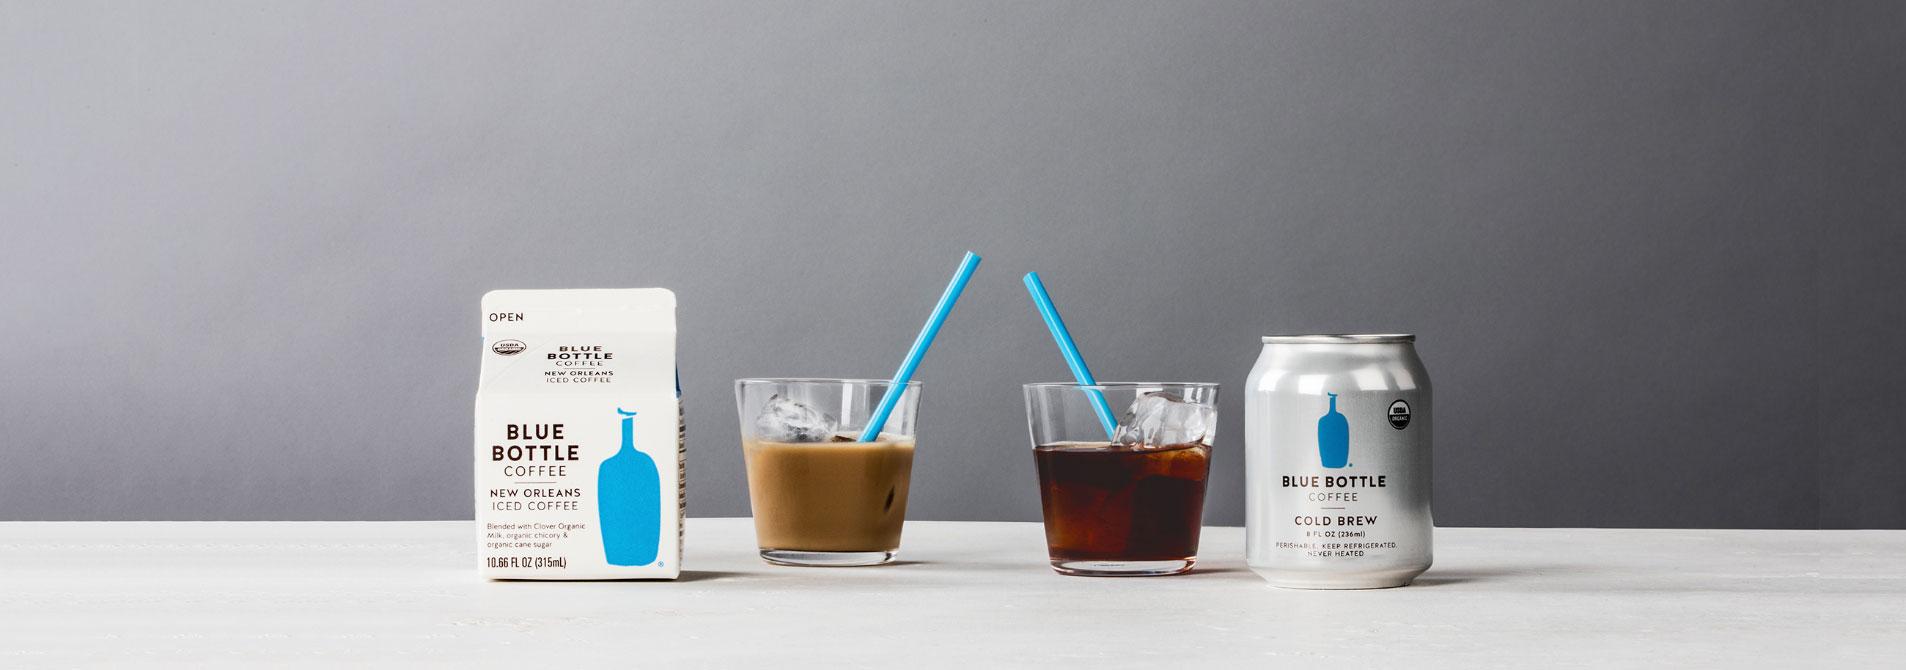 日本初上陸の缶コーヒーも!BLUE BOTTLE COFFEE × Citizens of Humanity コラボイベント